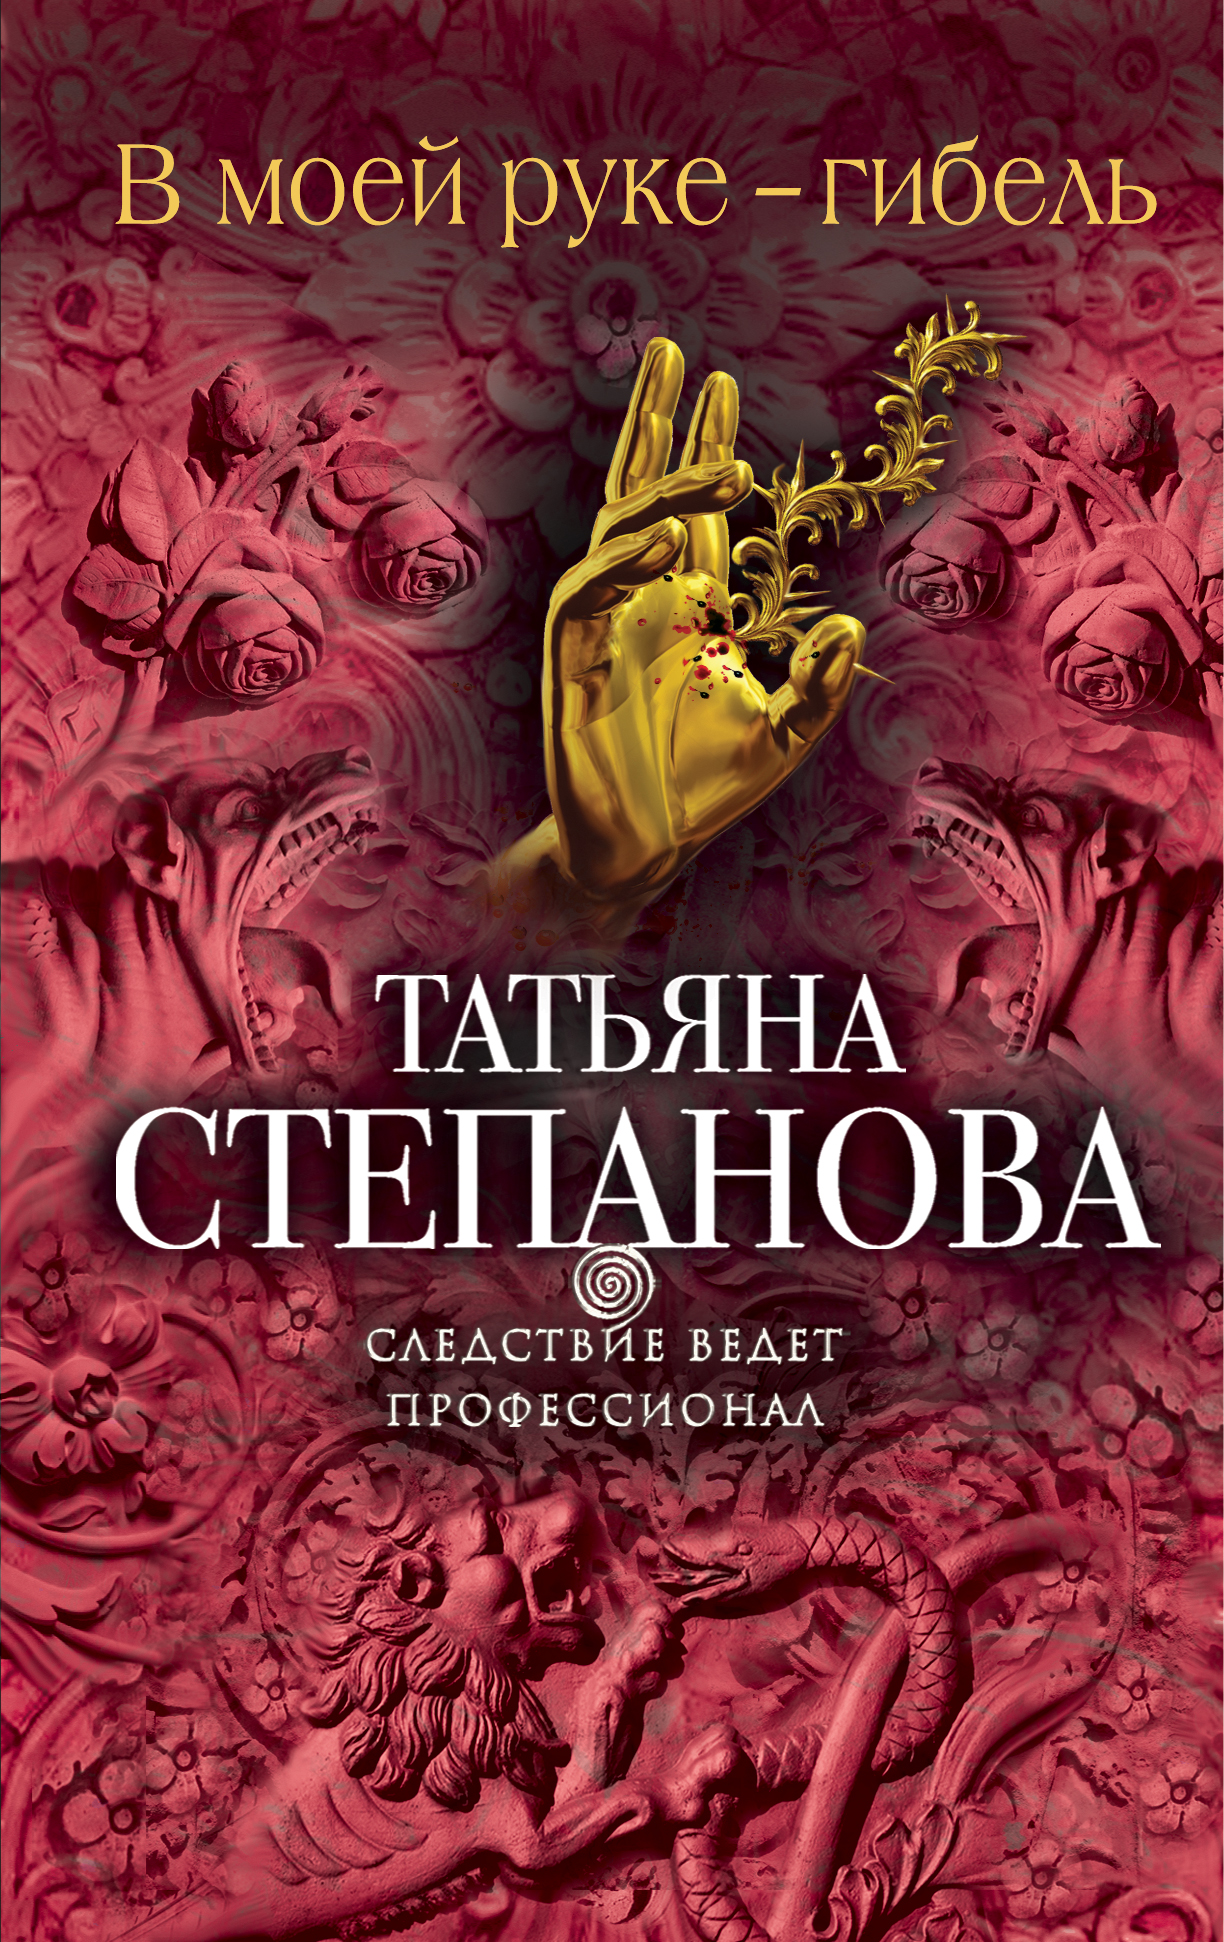 Степанова Т. В моей руке - гибель